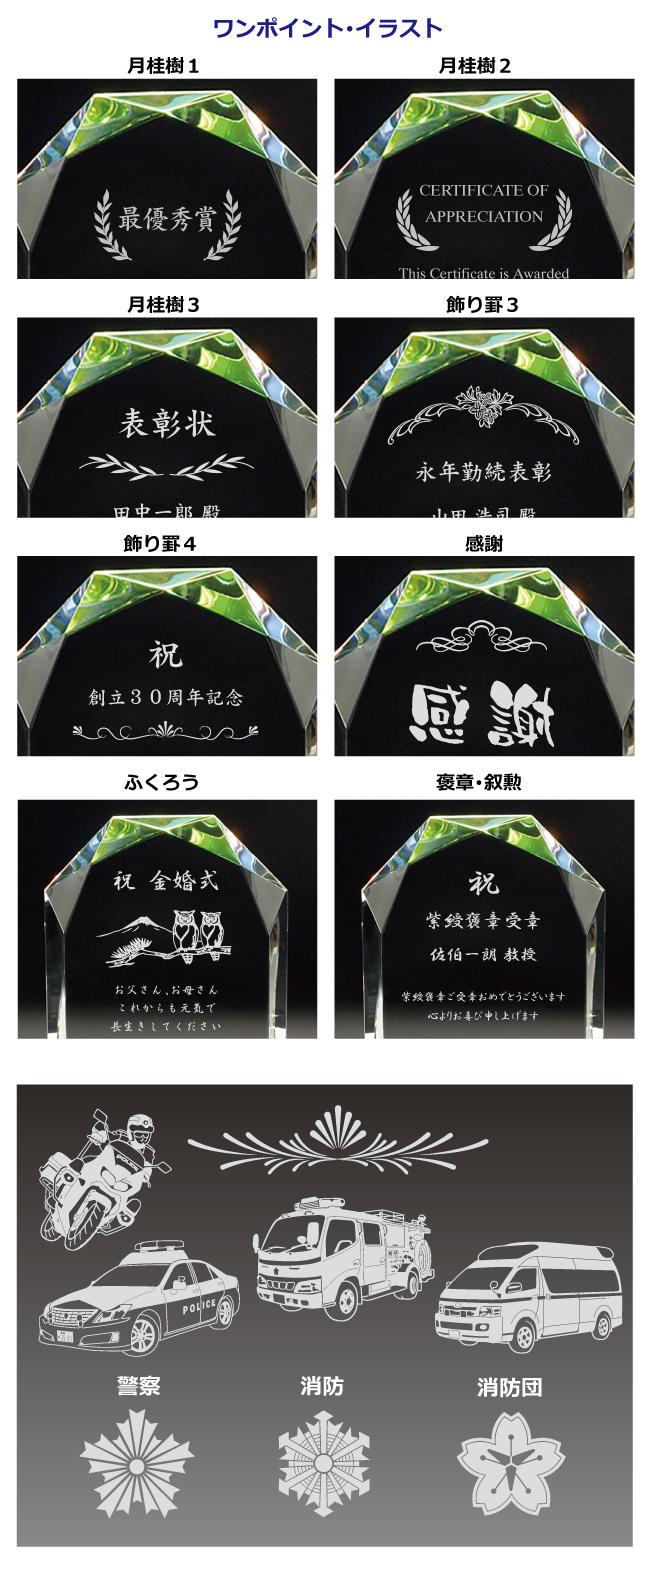 フルカラー絵柄入りクリスタル楯(盾)ダイヤカットアーチ型のイラスト